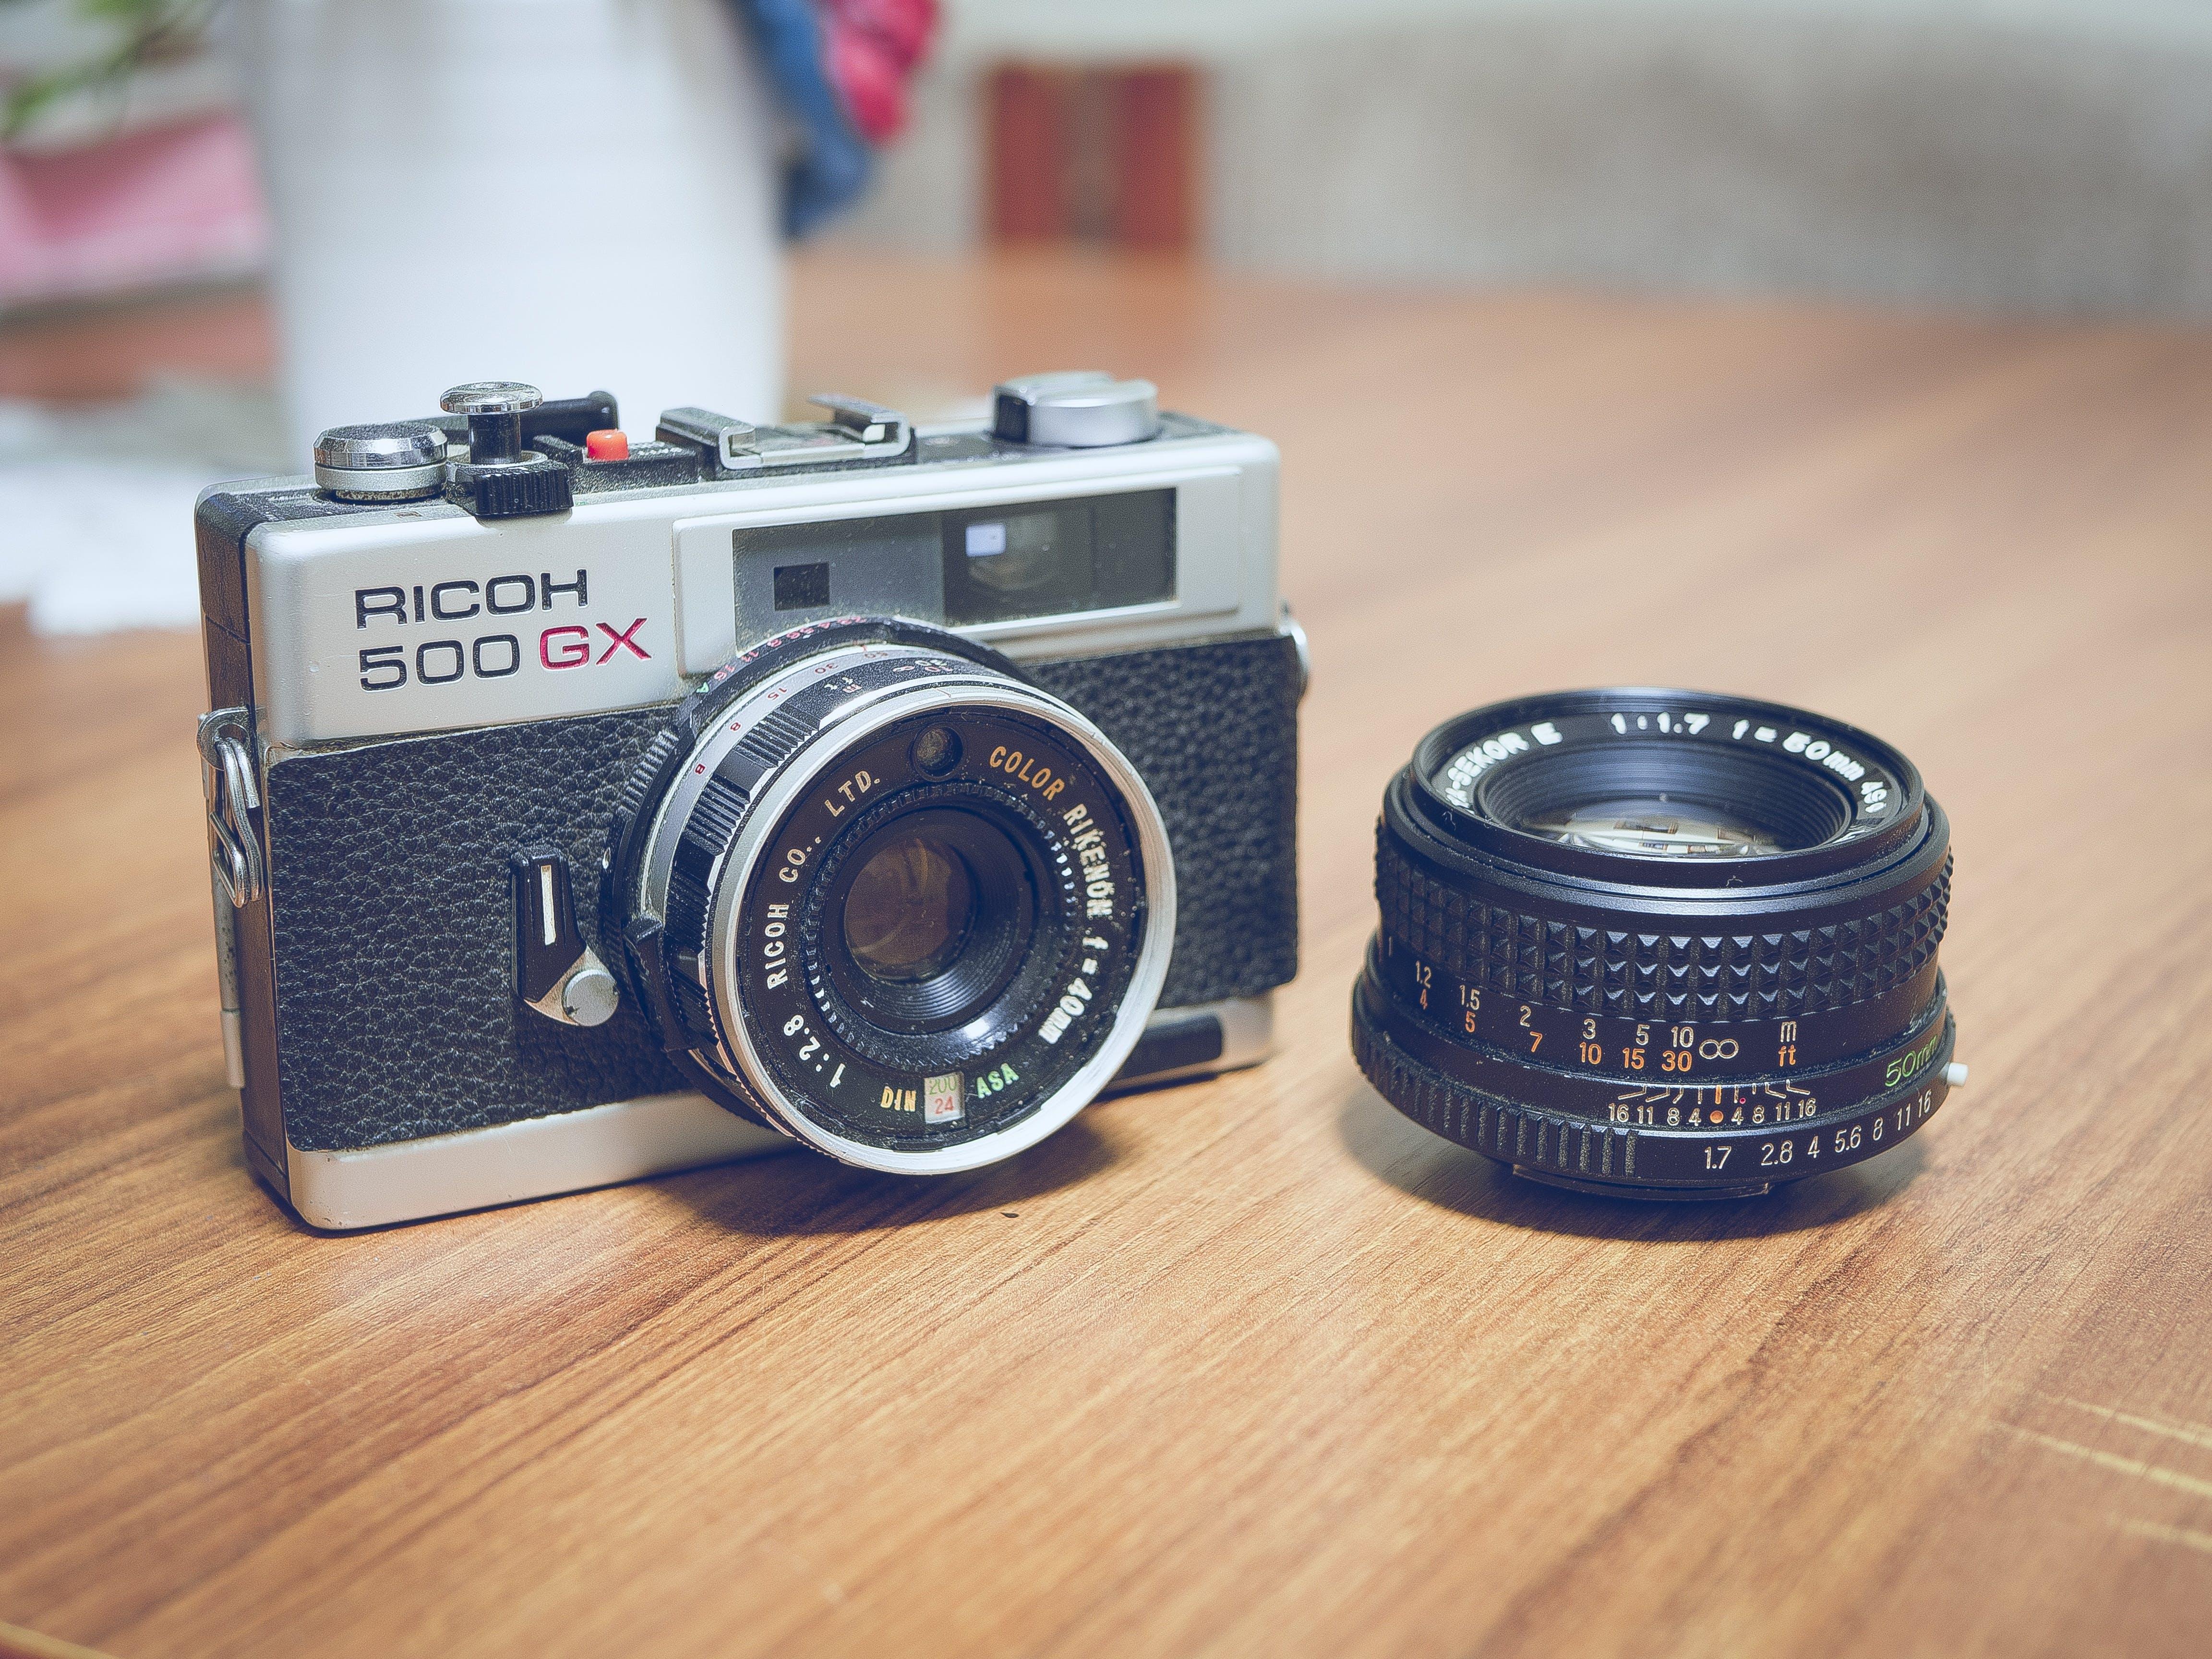 Ricoh 500 Gx Gray and Black